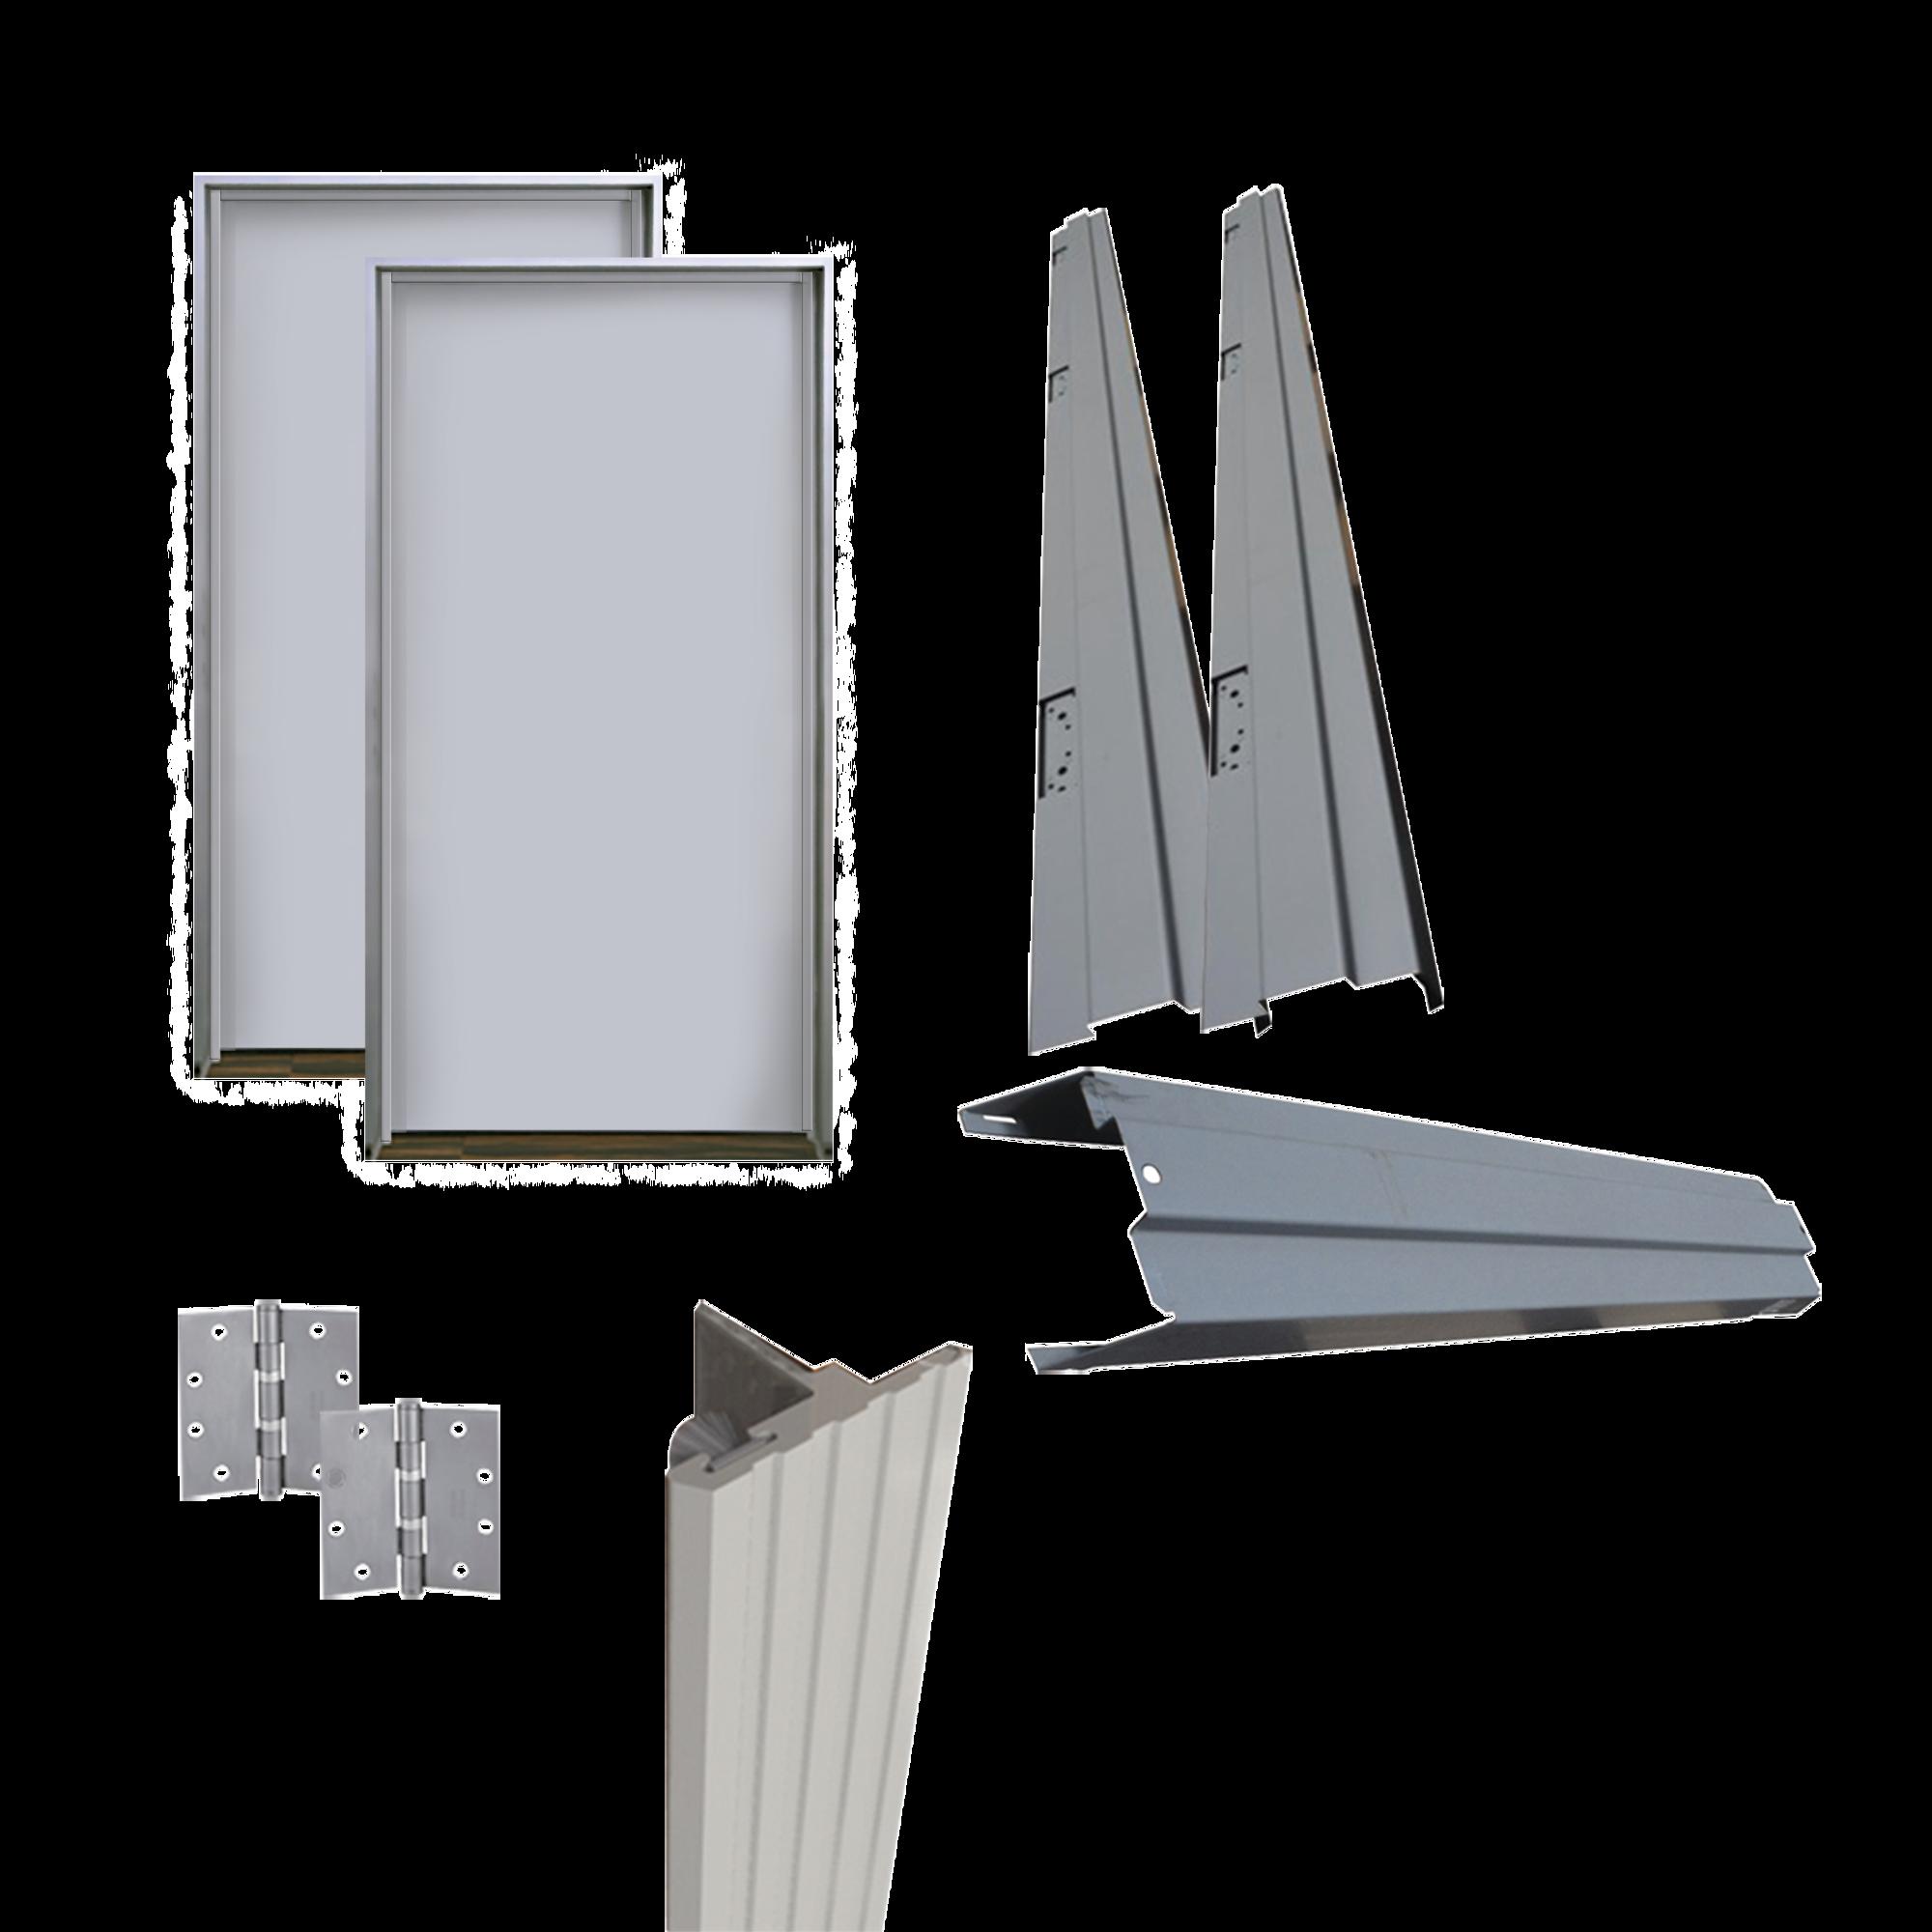 Kit Puerta doble metalica galvanizada 6 ft x 7 ft / Resistente al fuego por 90 min / UL